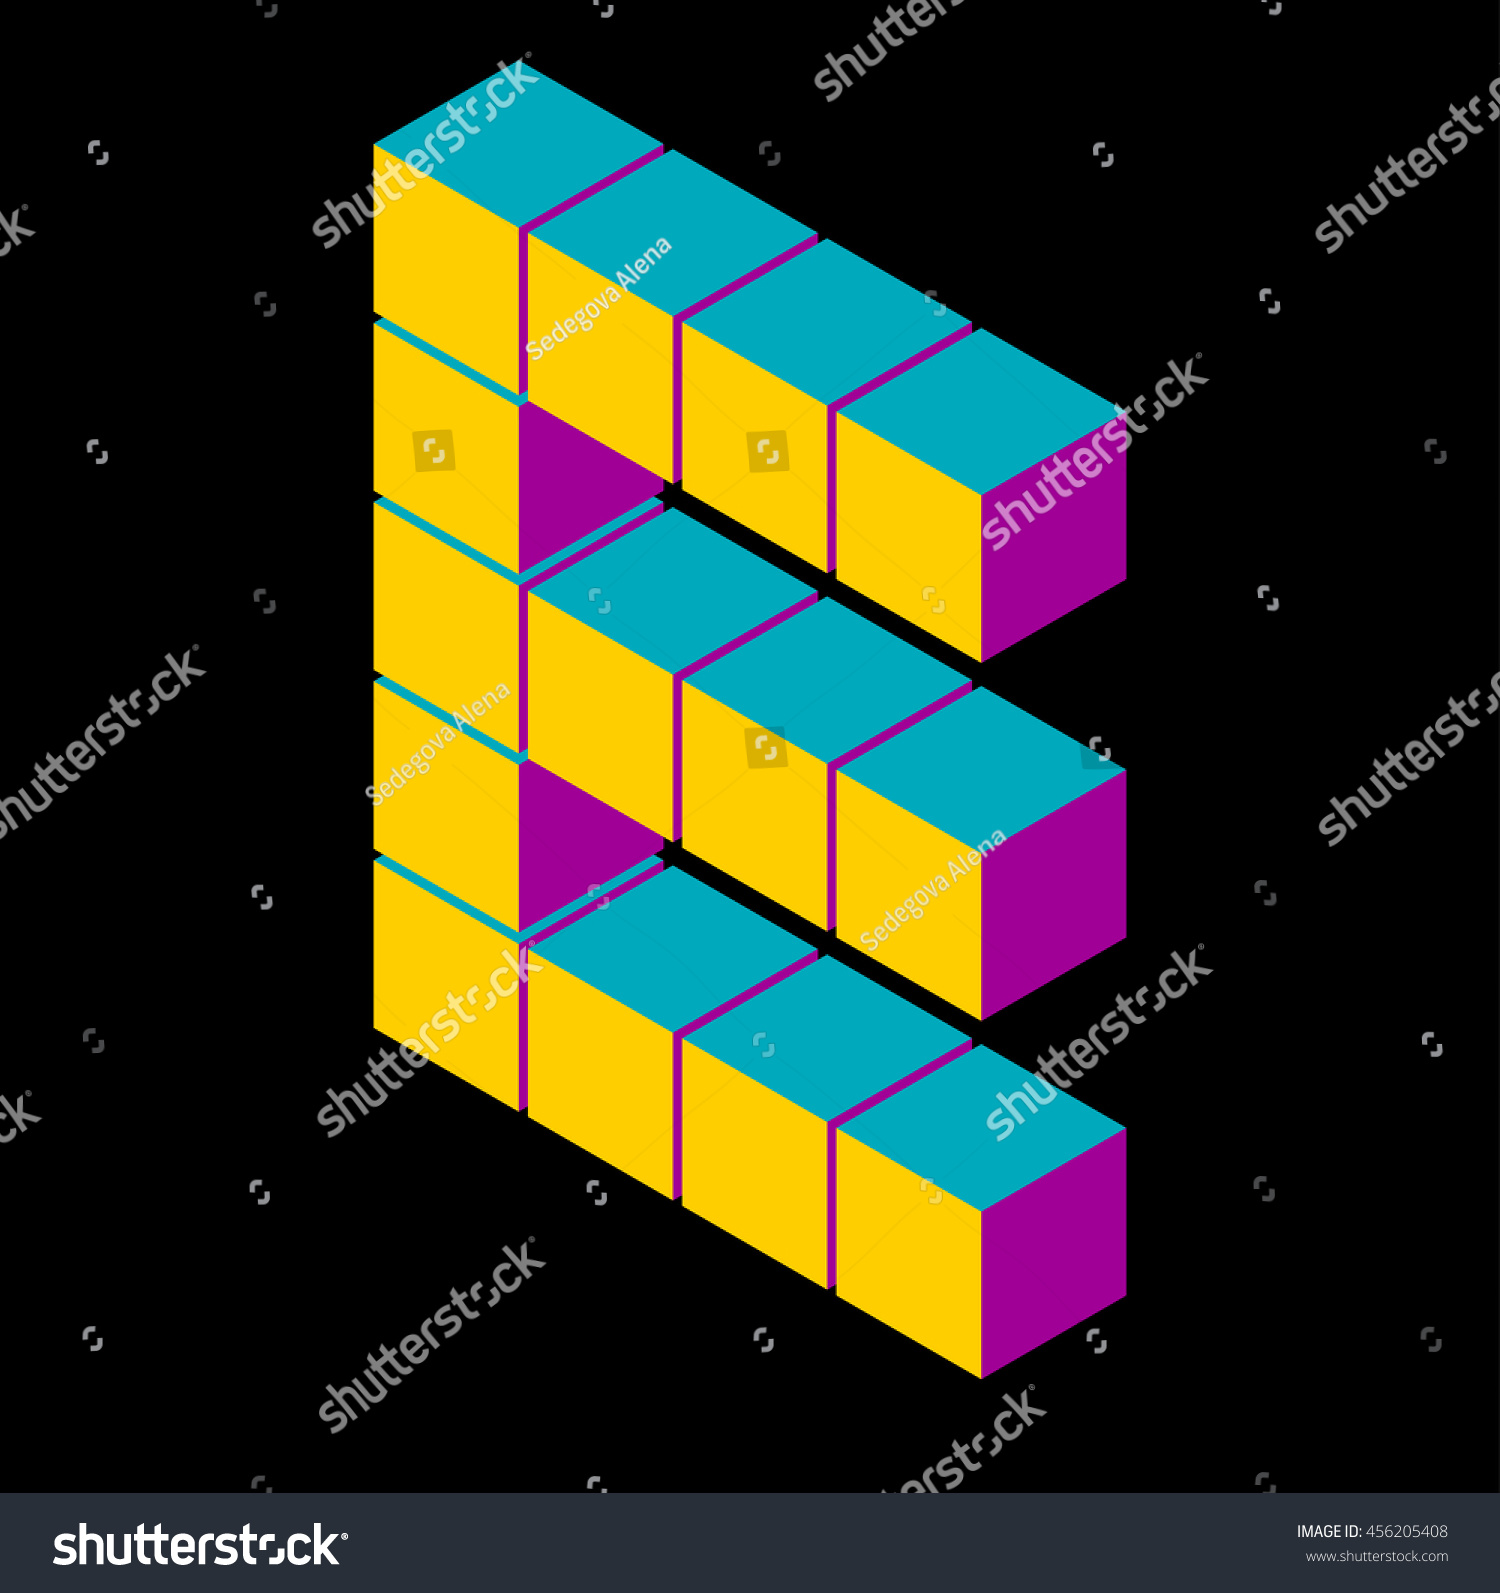 isometric pixel letter e 3d letter e isometric e abc  alphabet on black    pixel e letters, isometric lettering  3d e  geometric alphabet, cube font